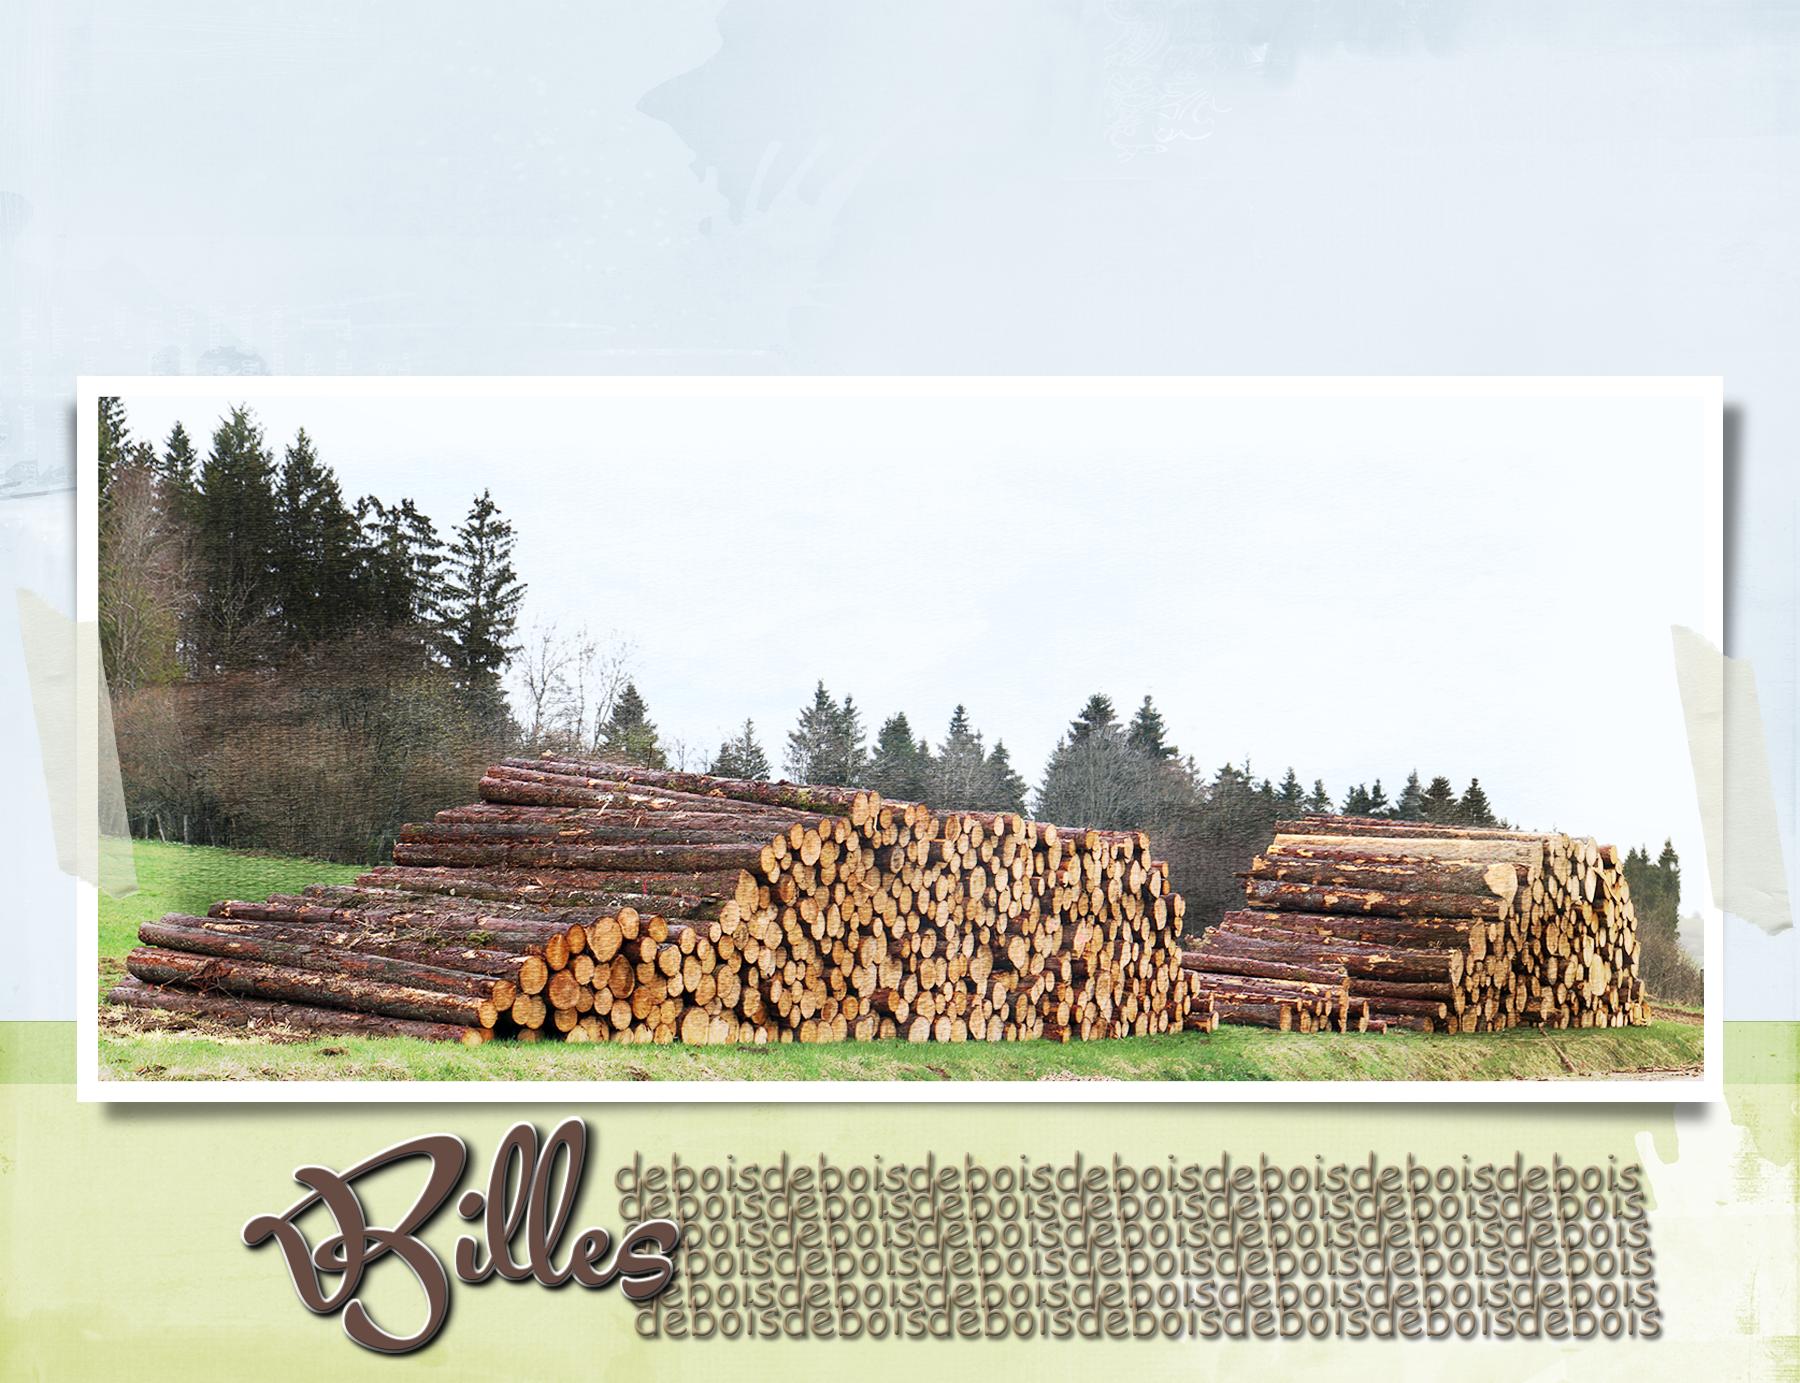 Billes de bois